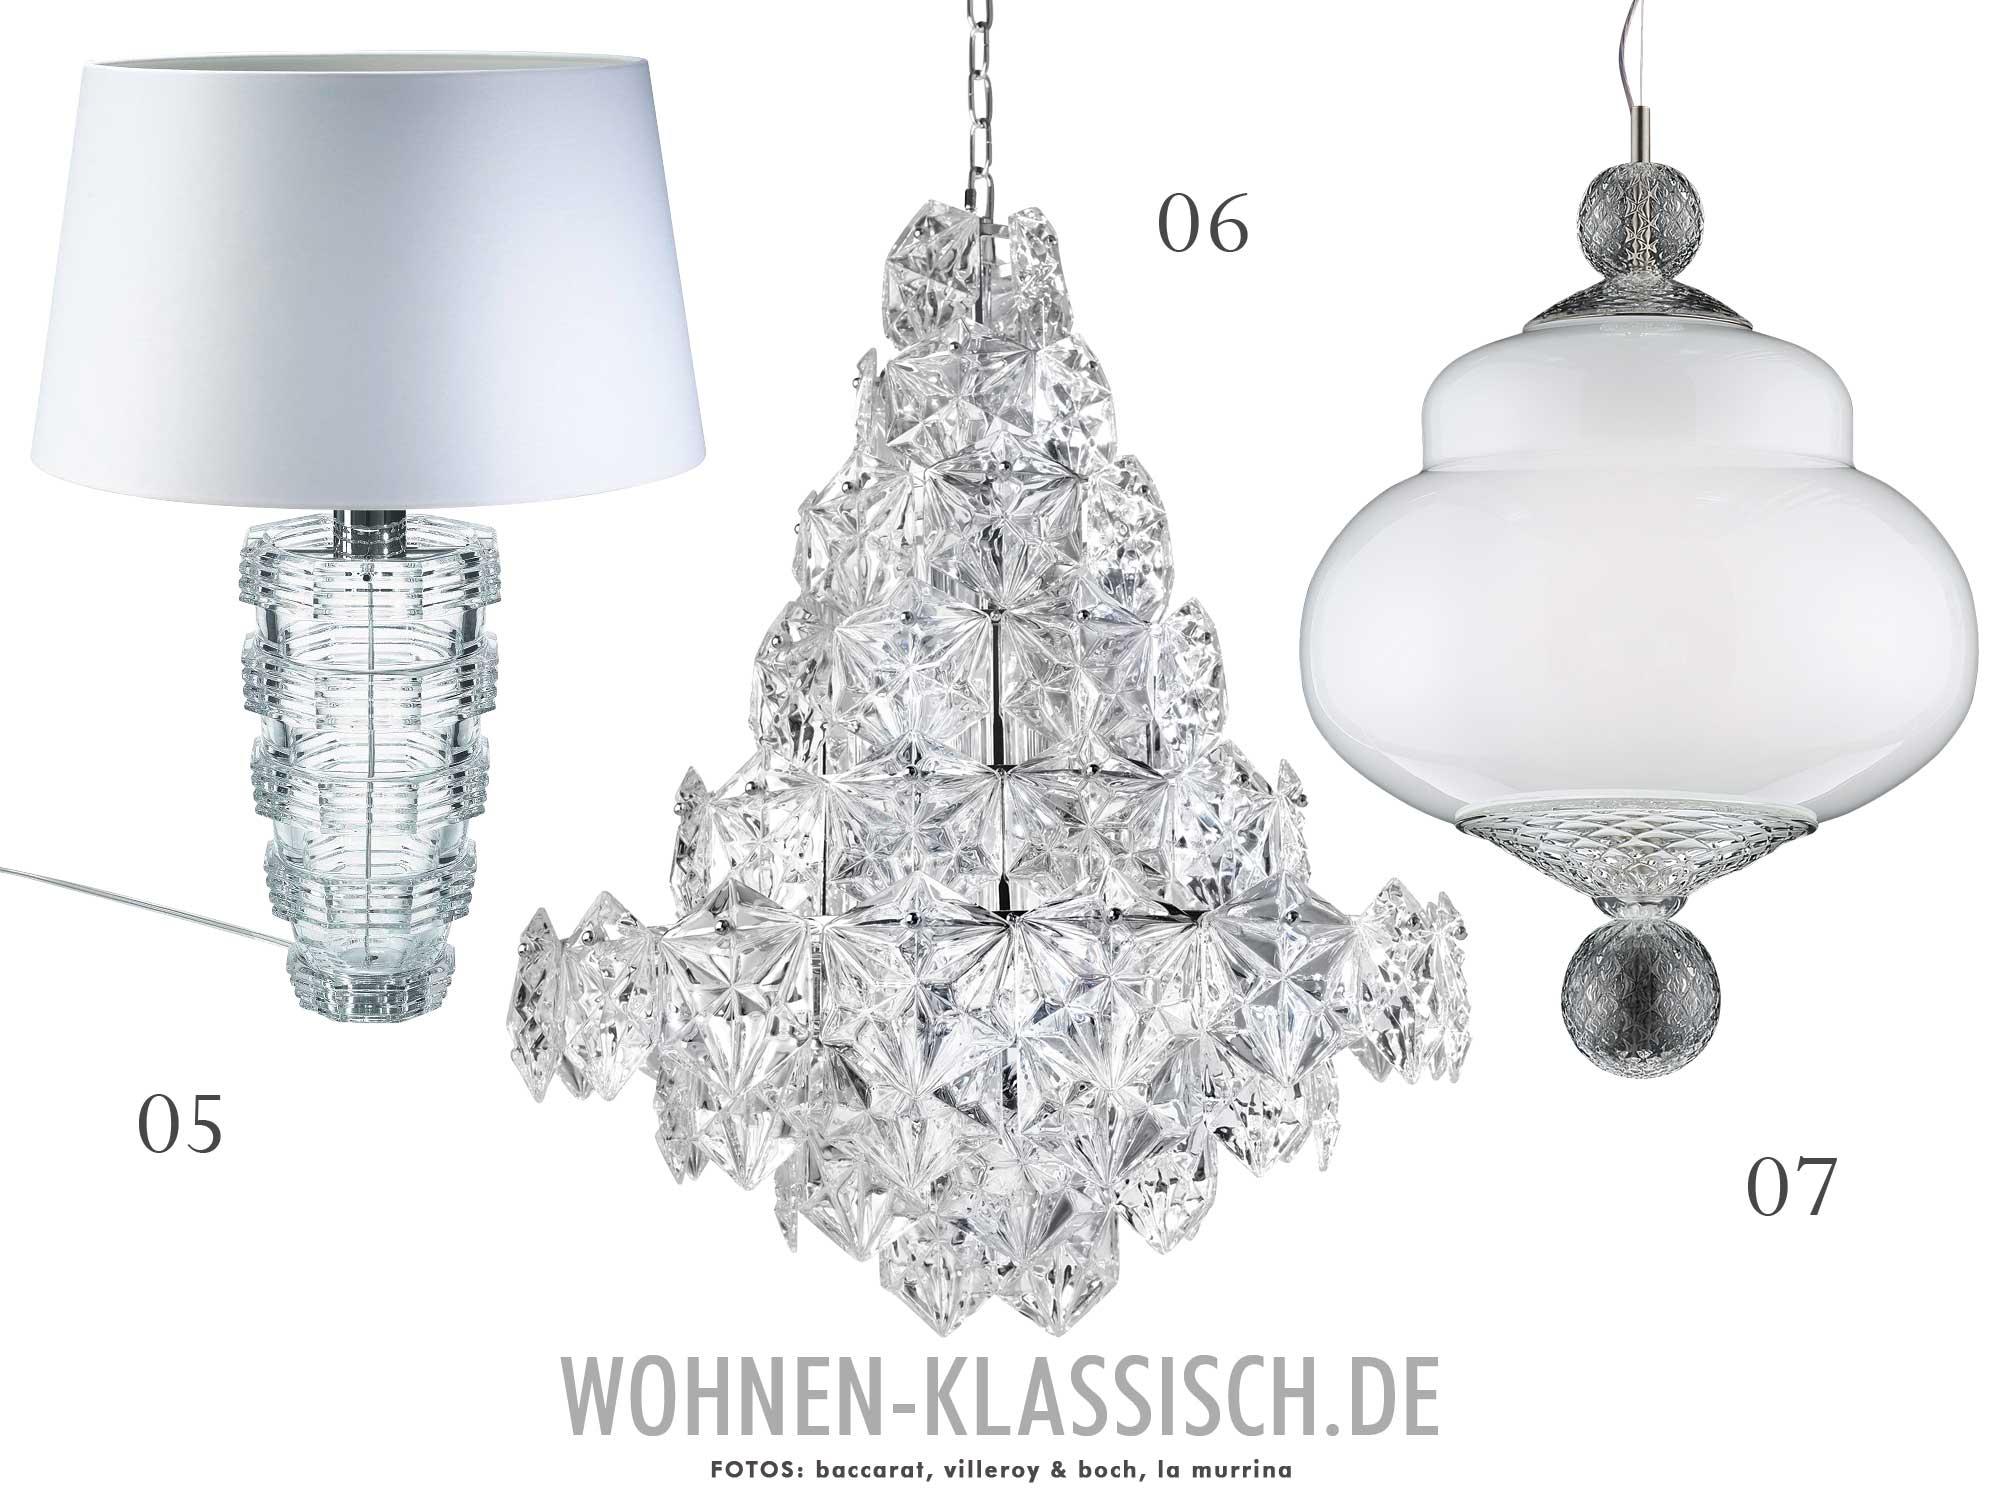 Top Ten: Elegante Beleuchtung | KLASSISCH WOHNEN